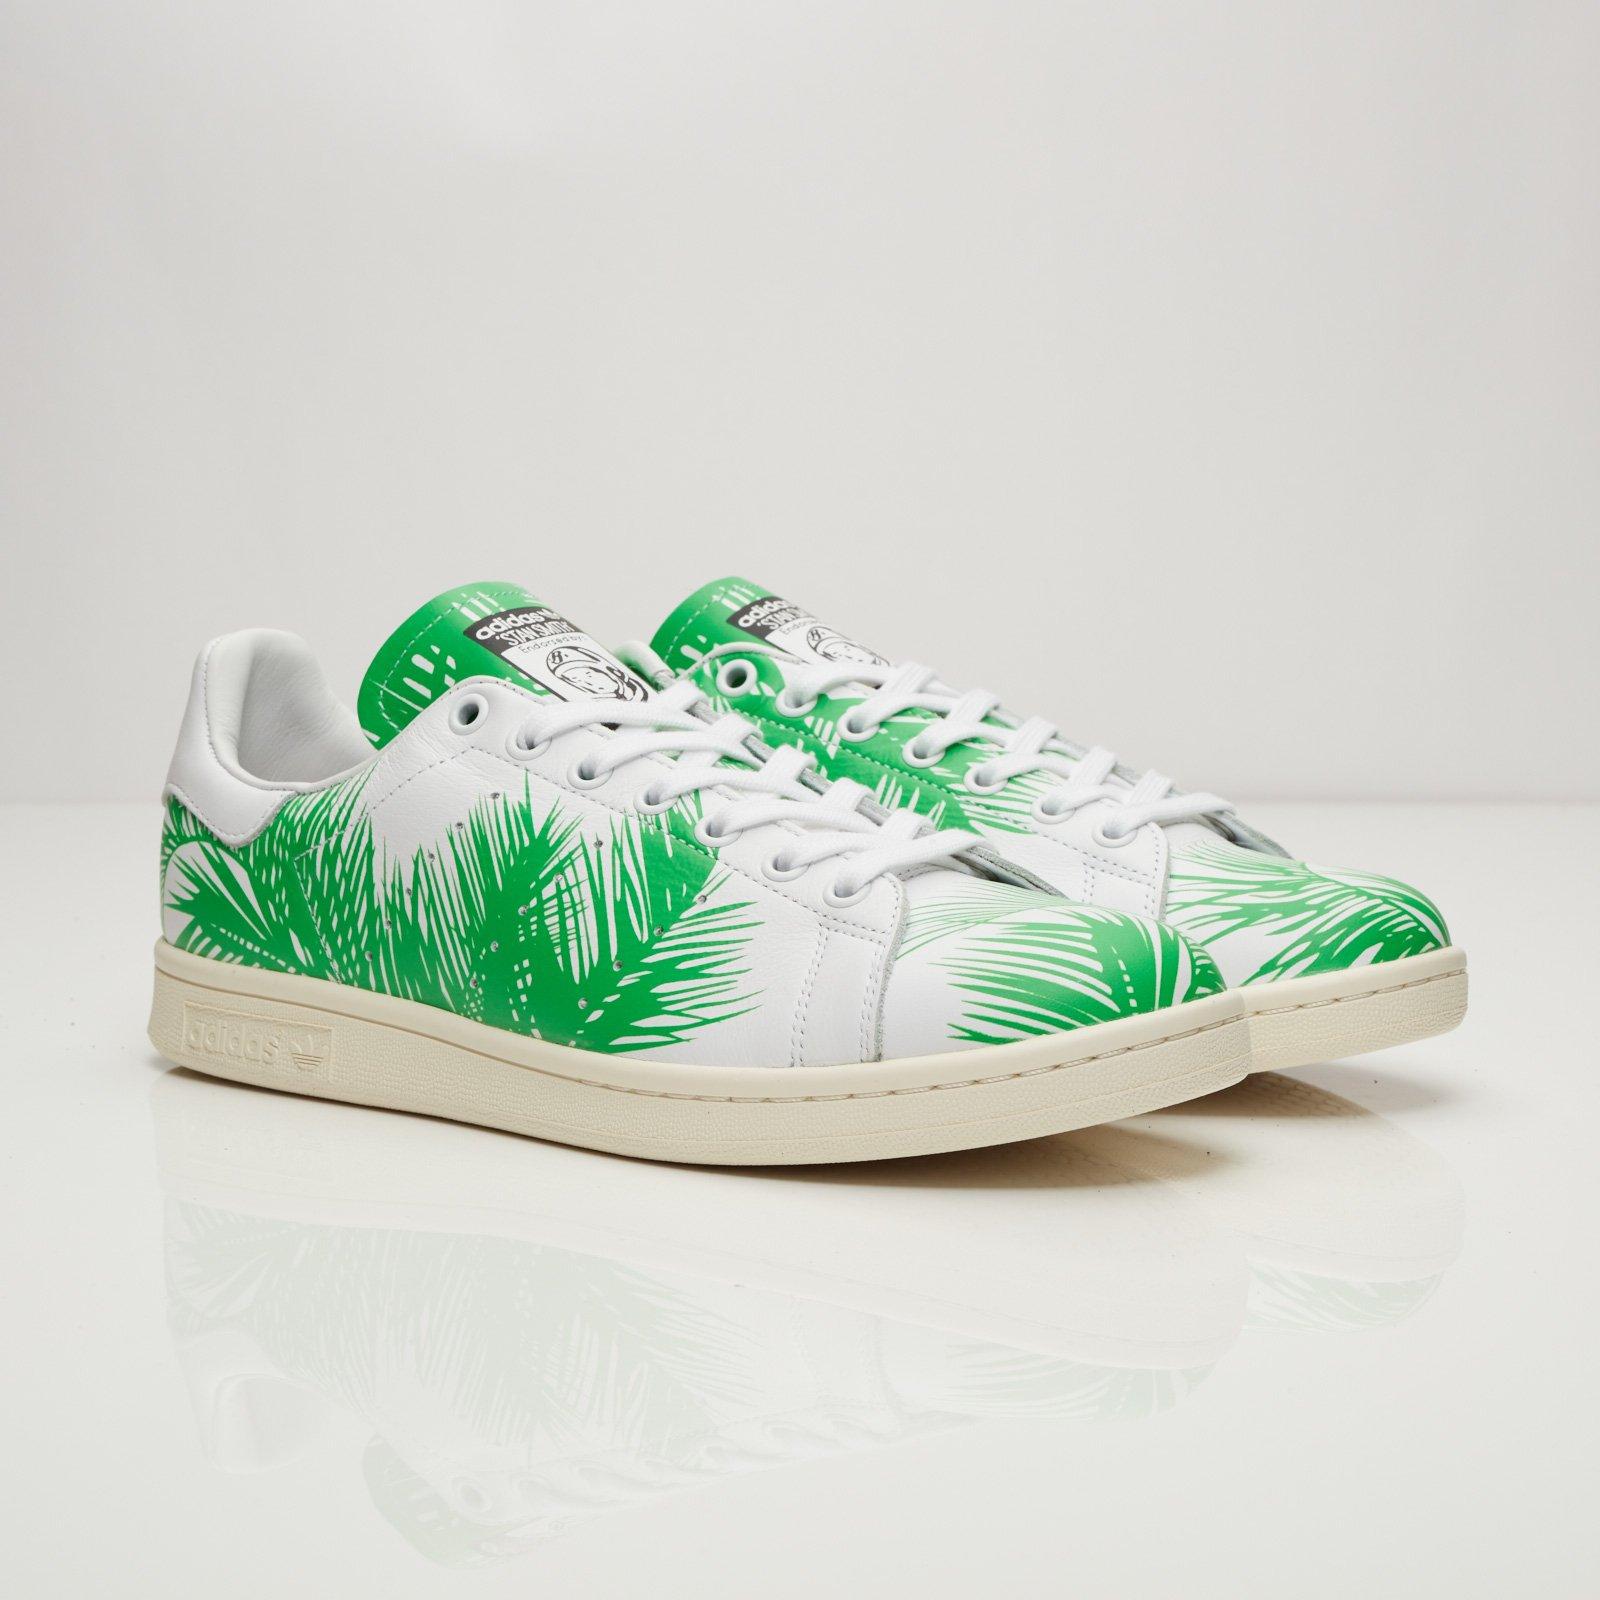 Adidas by pharrell williams PW Stan Smith BBC Palm Tree